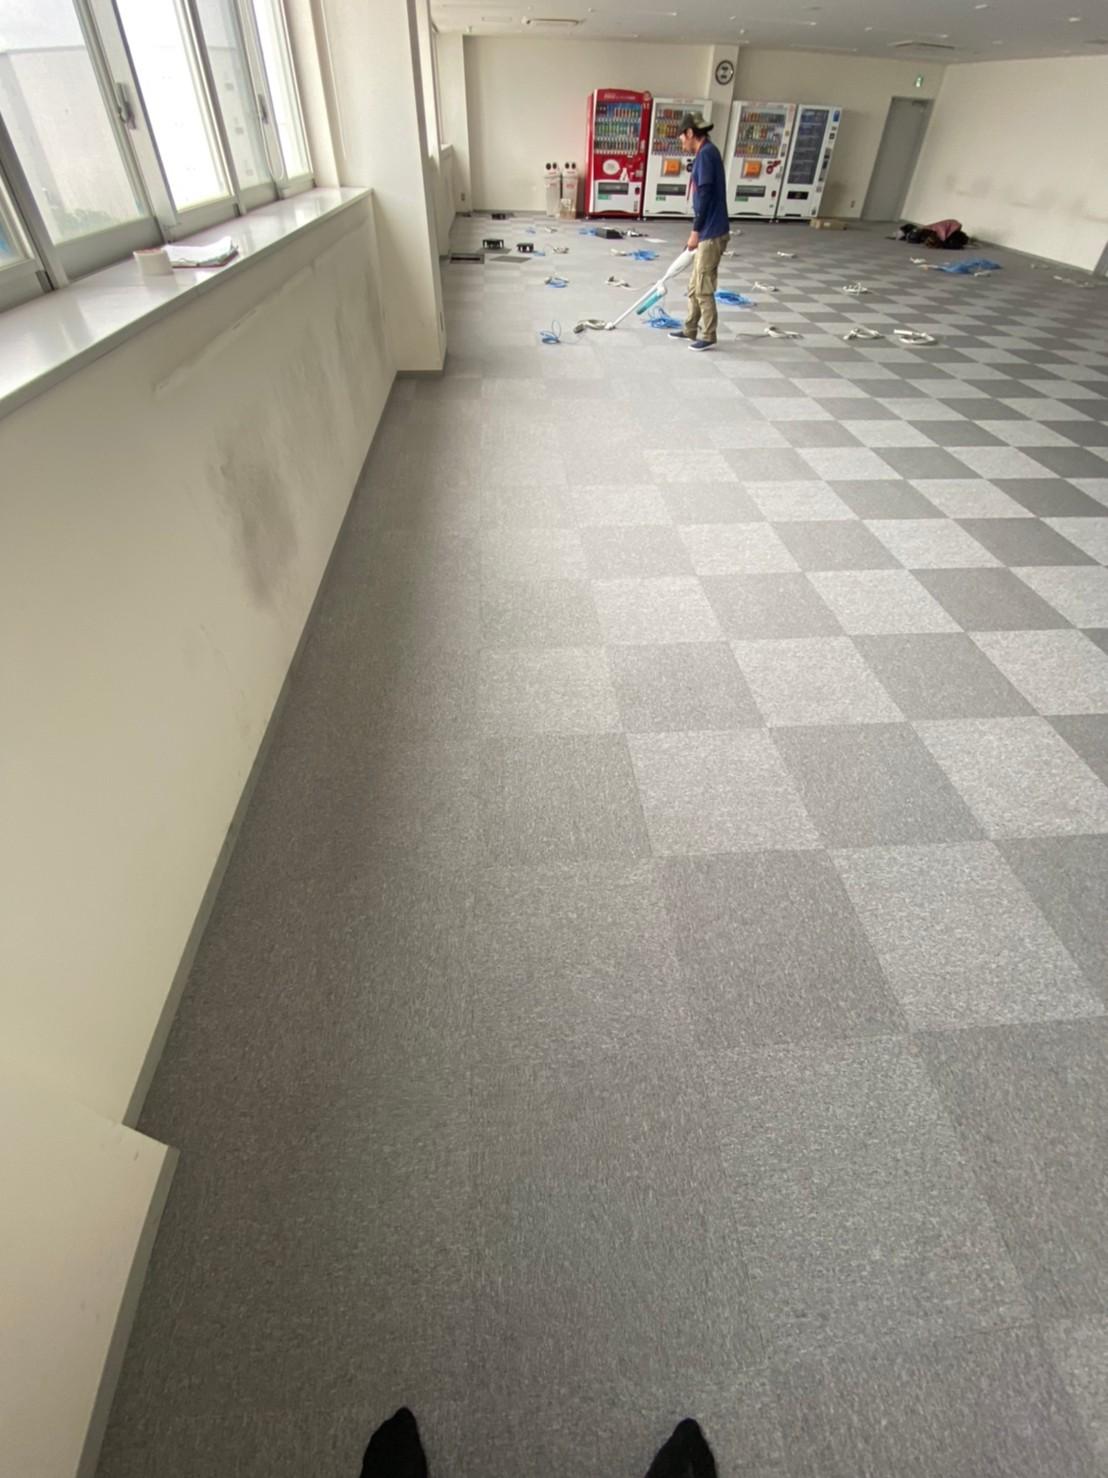 千葉県市川市のオフィスタイルカーペット工事